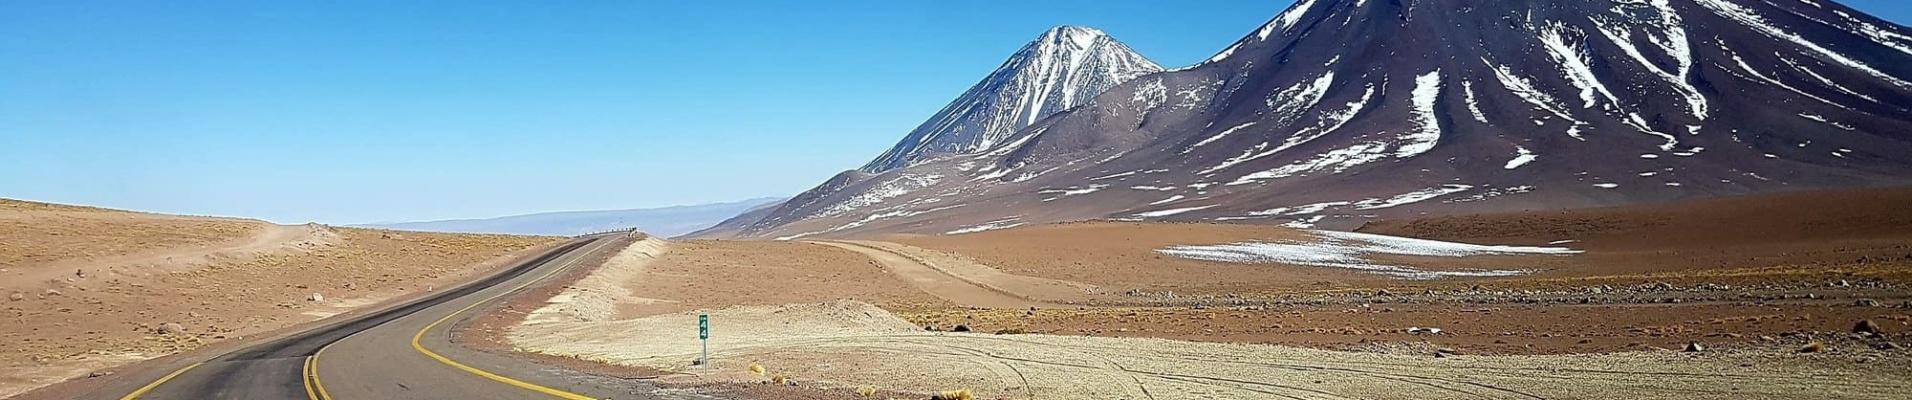 Transports intérieurs au Chili. Location de voiture Chili. Route dans le désert d'Atacama.